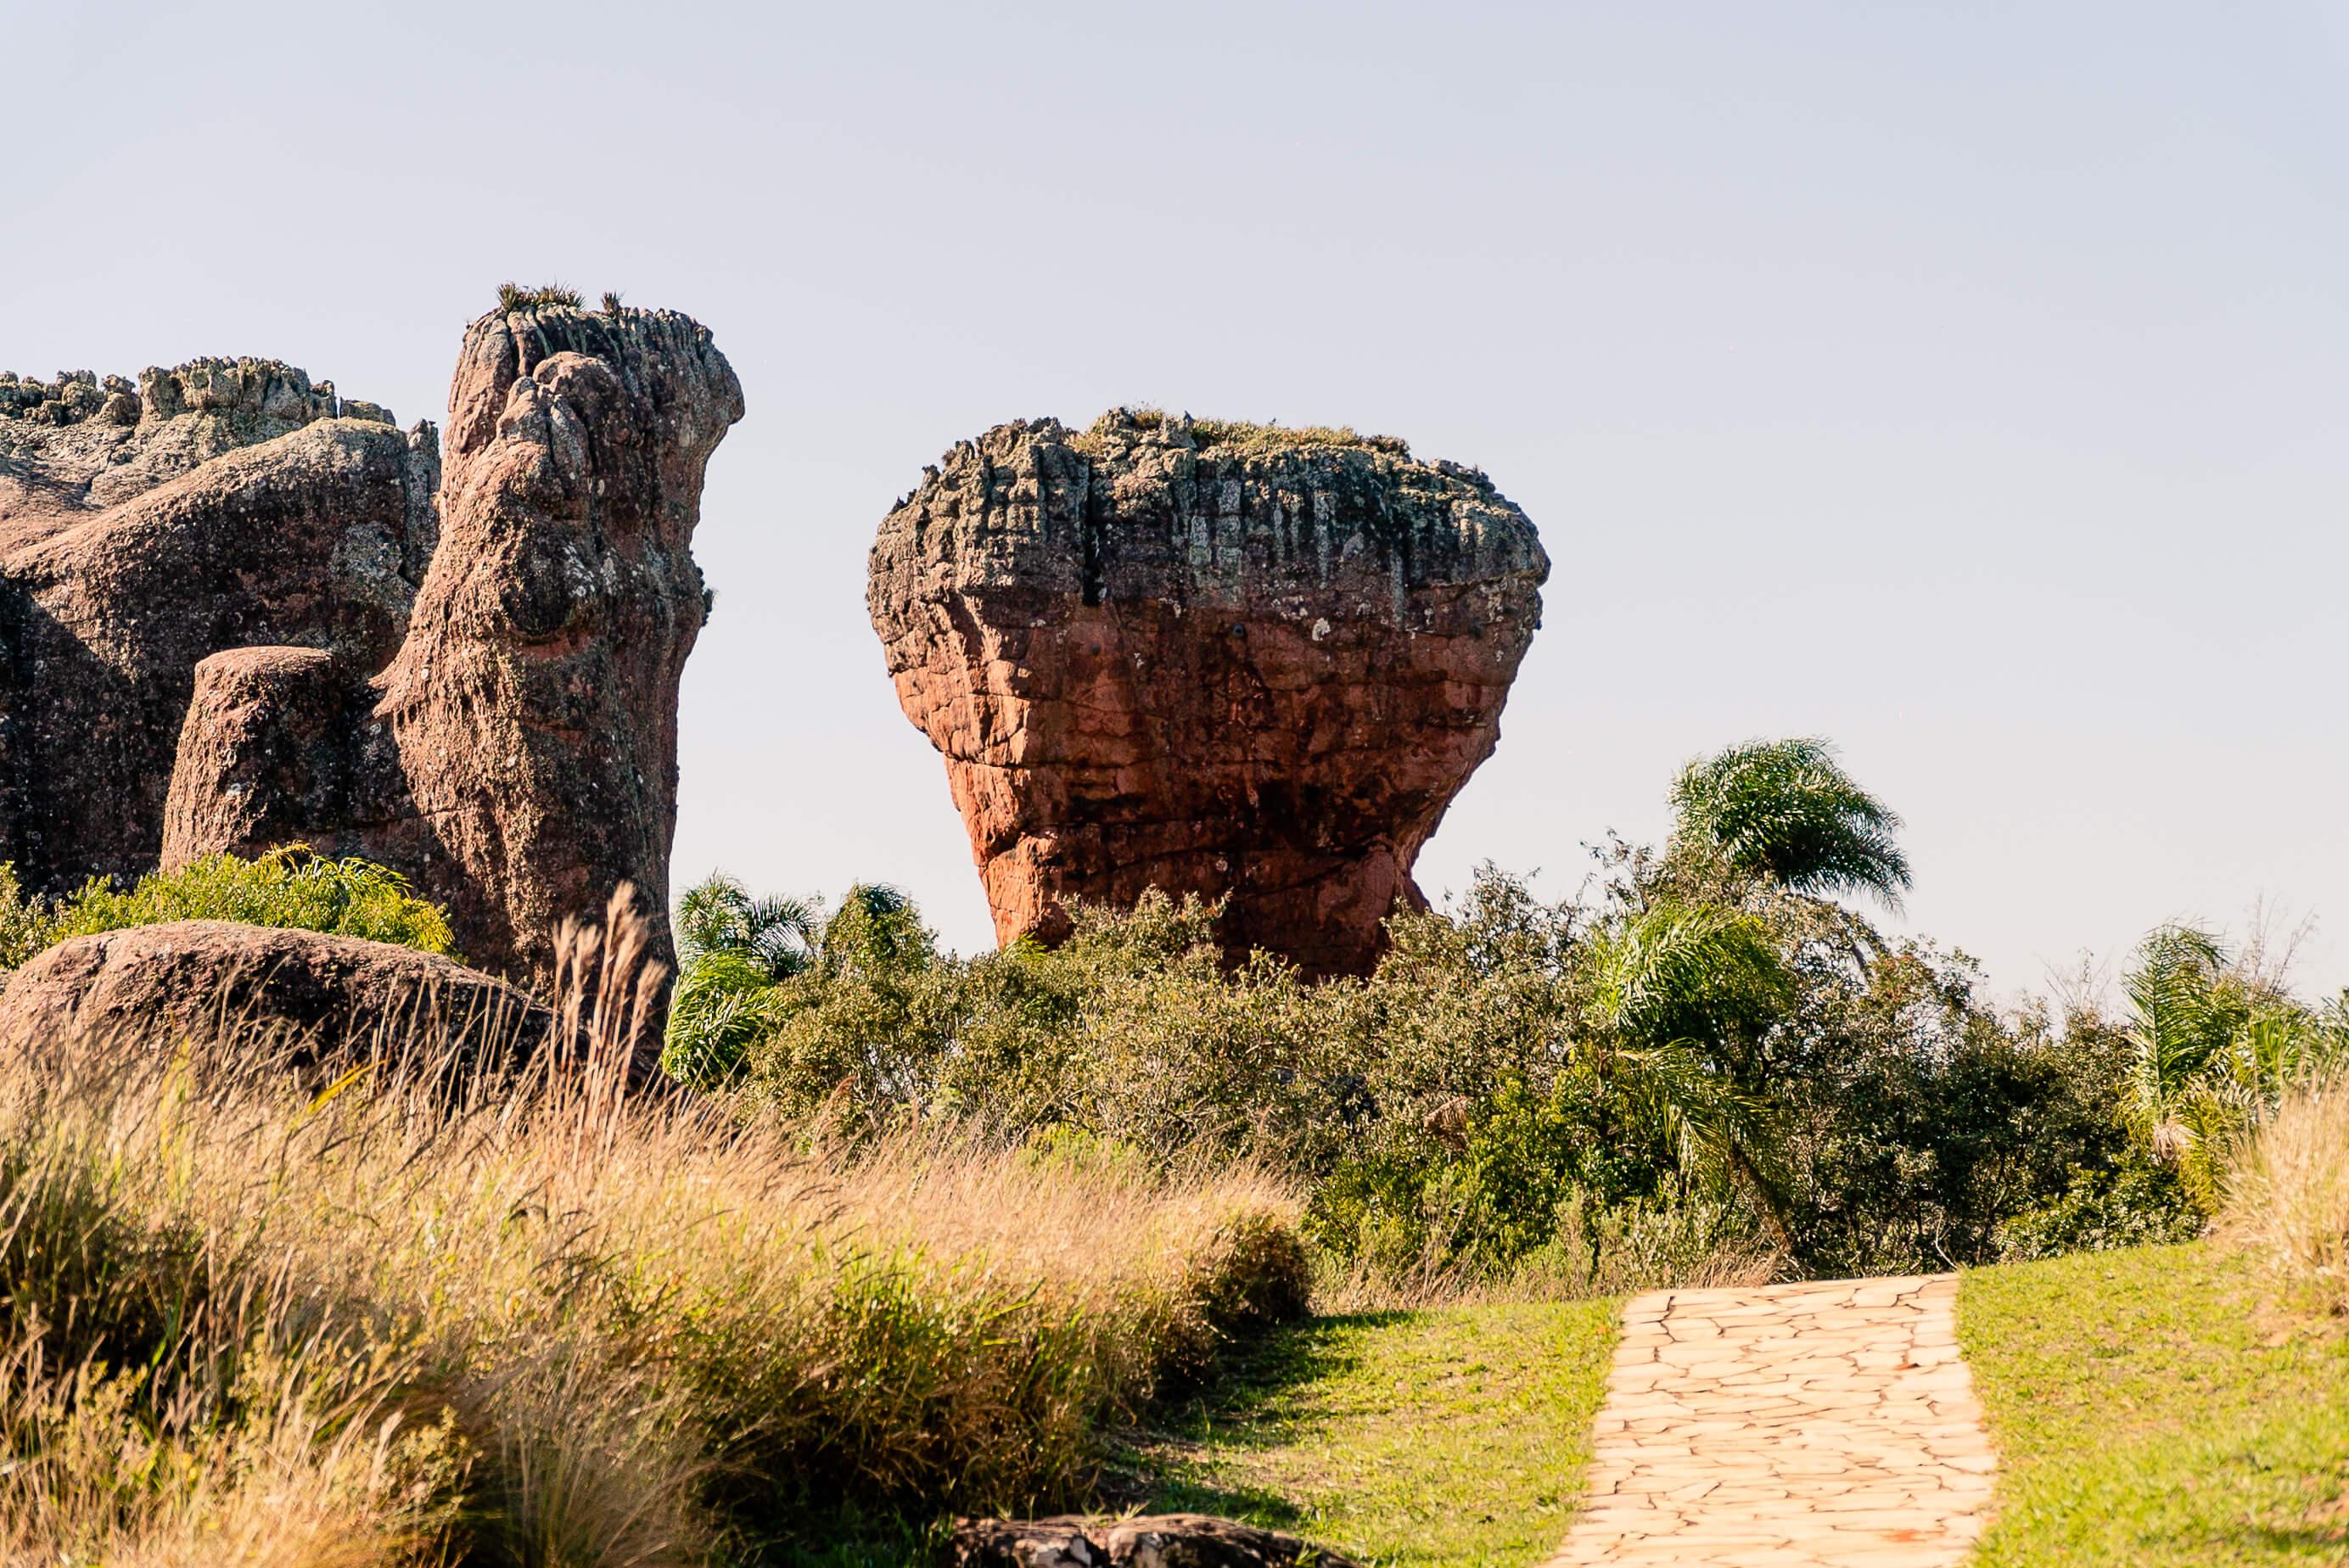 Torne seu smartphone ou notebook único com wallpapers do Parque Vila Velha